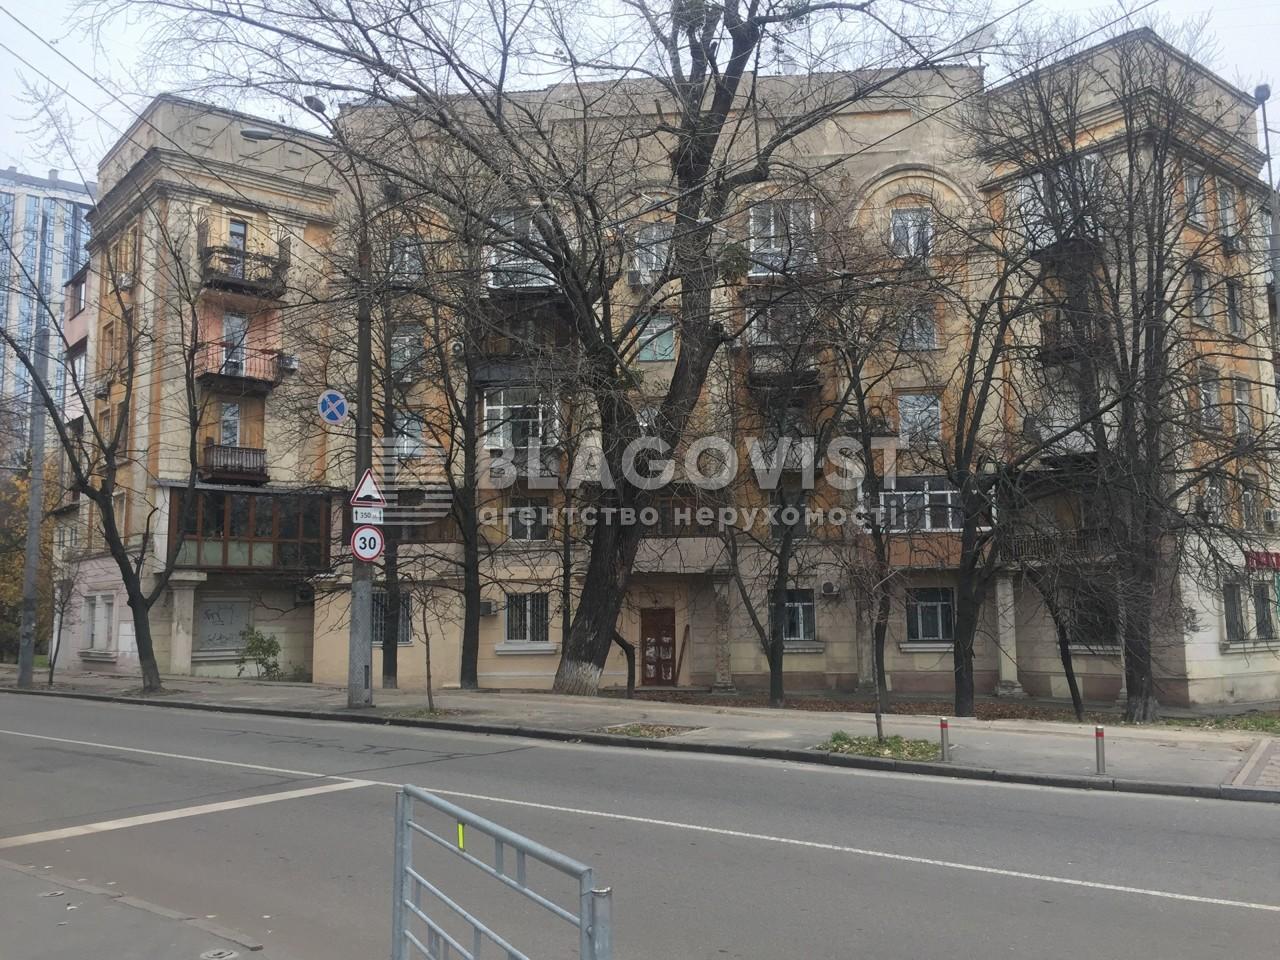 Квартира A-107847, Антонова Авиаконструктора, 2/32 корпус 1, Киев - Фото 2